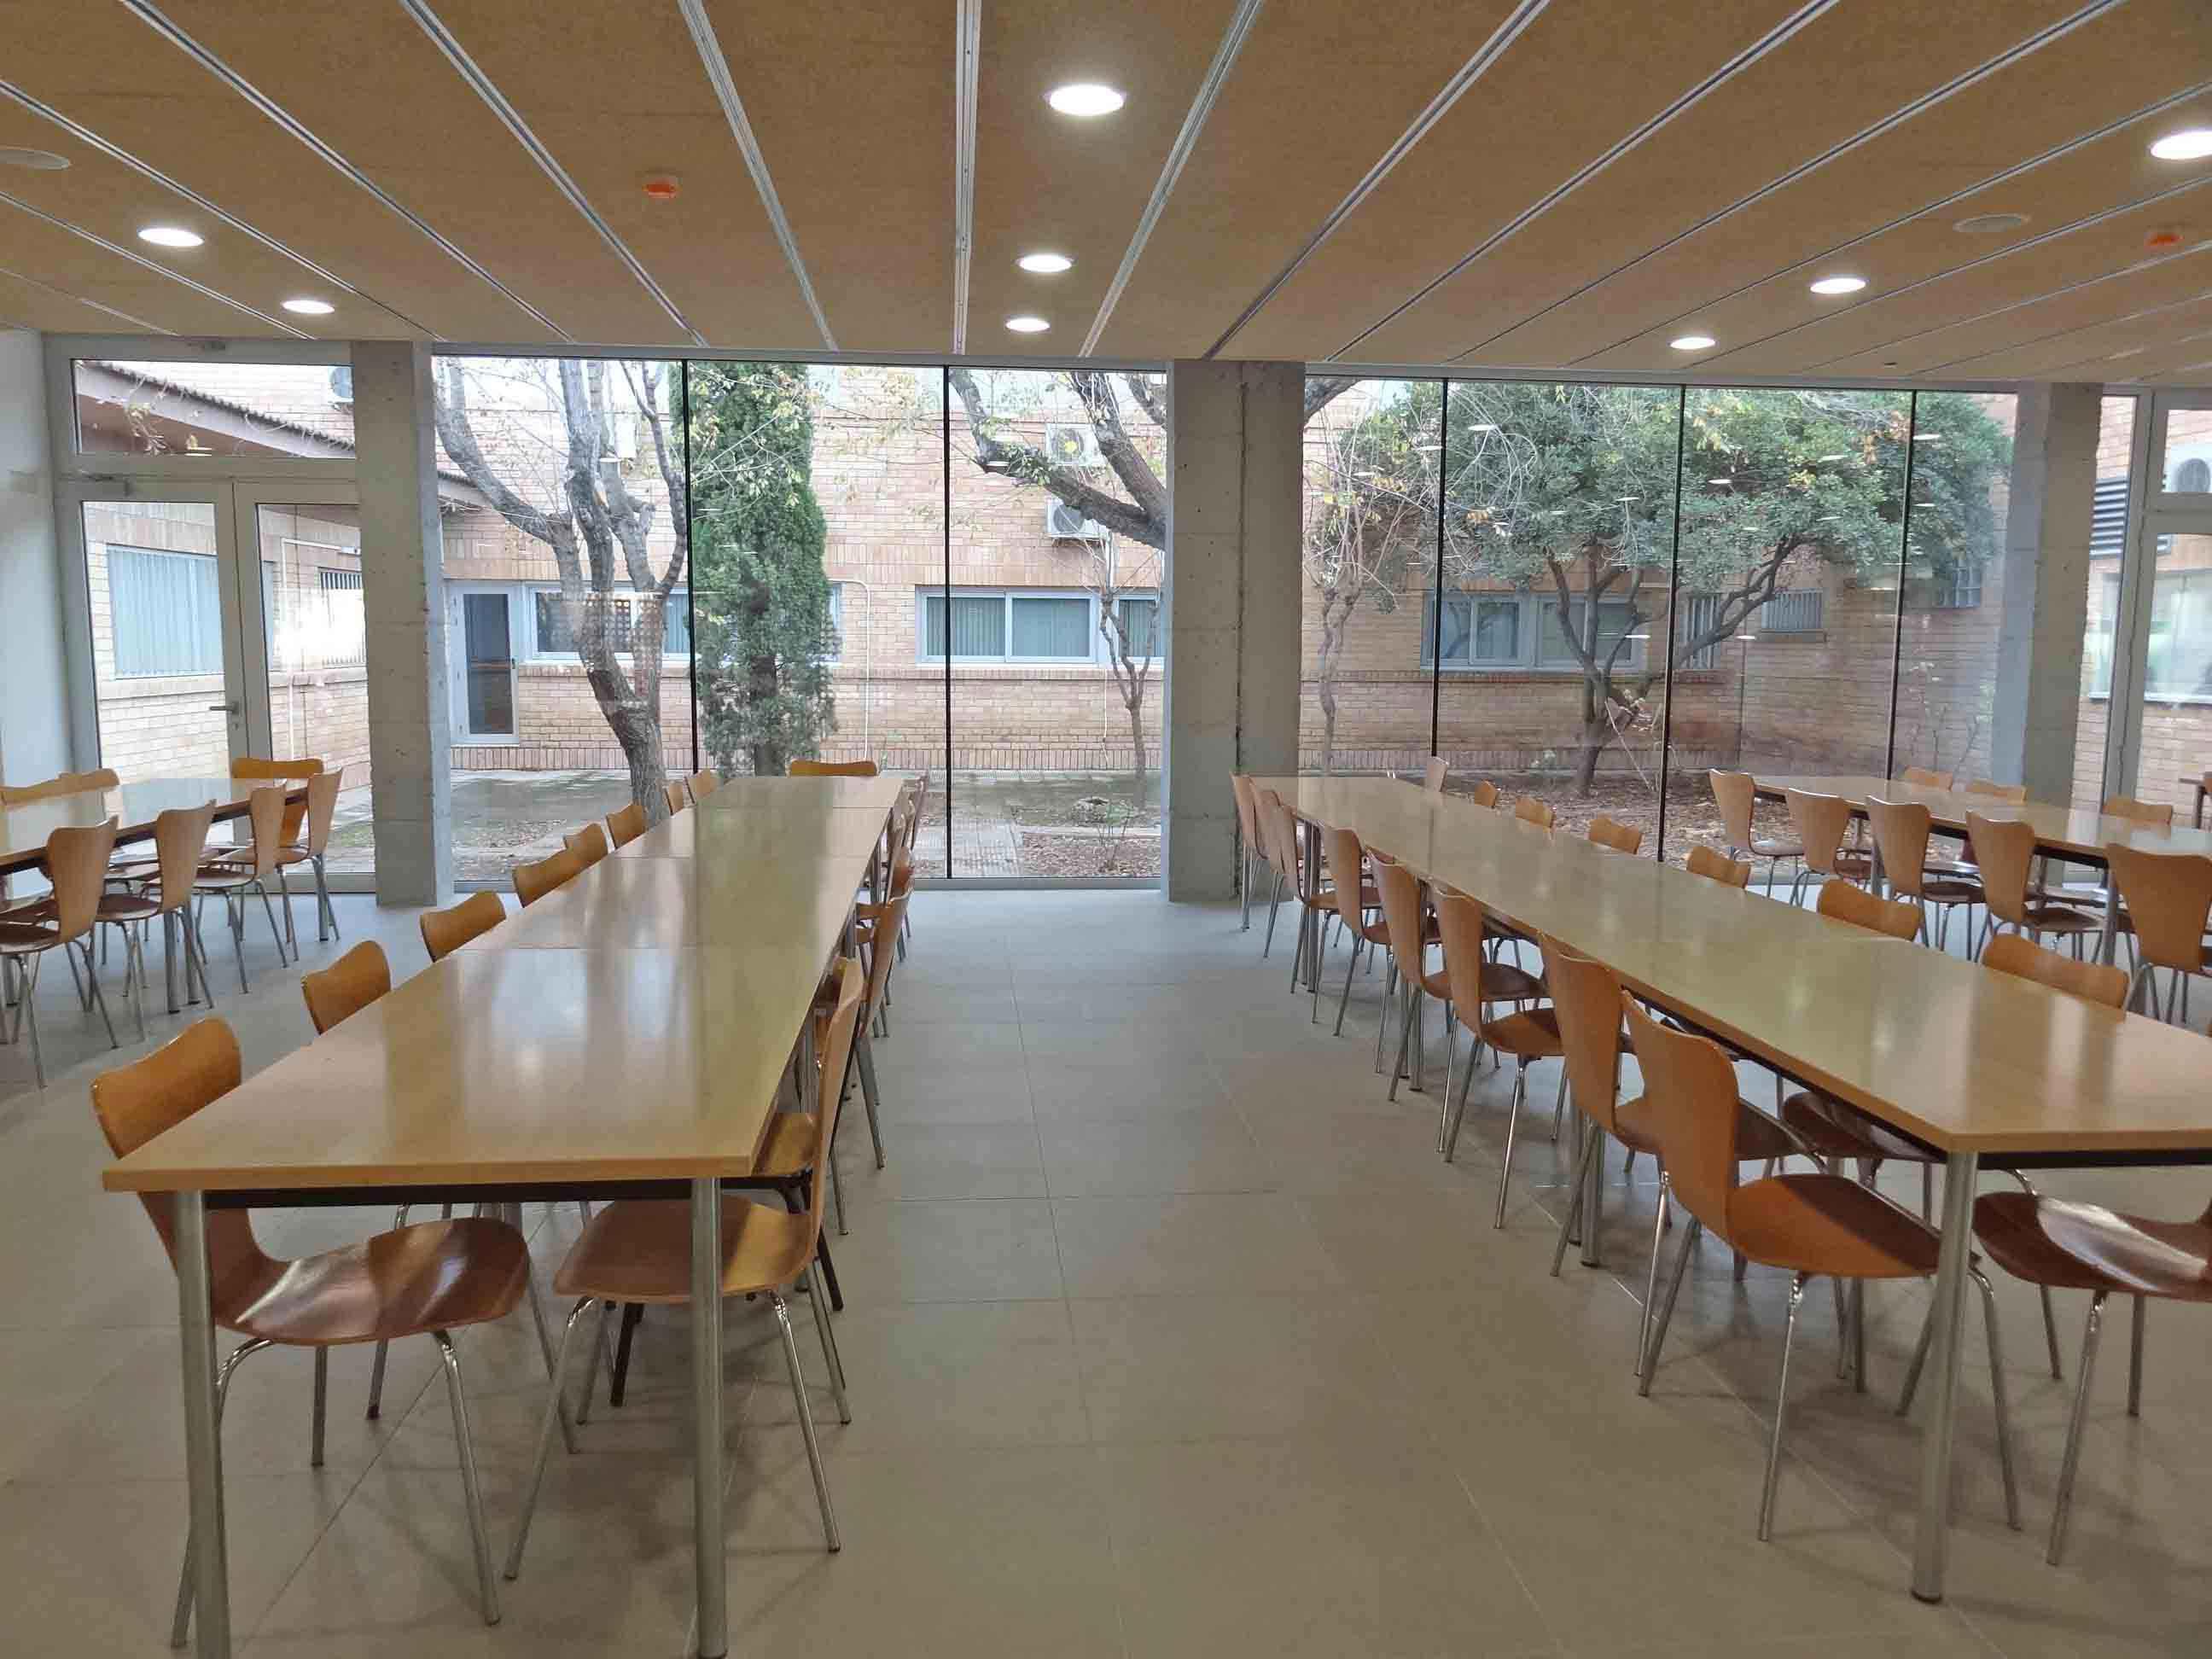 02-CAFETERIA-INEFC-2011-11-07-obra-acabada-(2).jpg